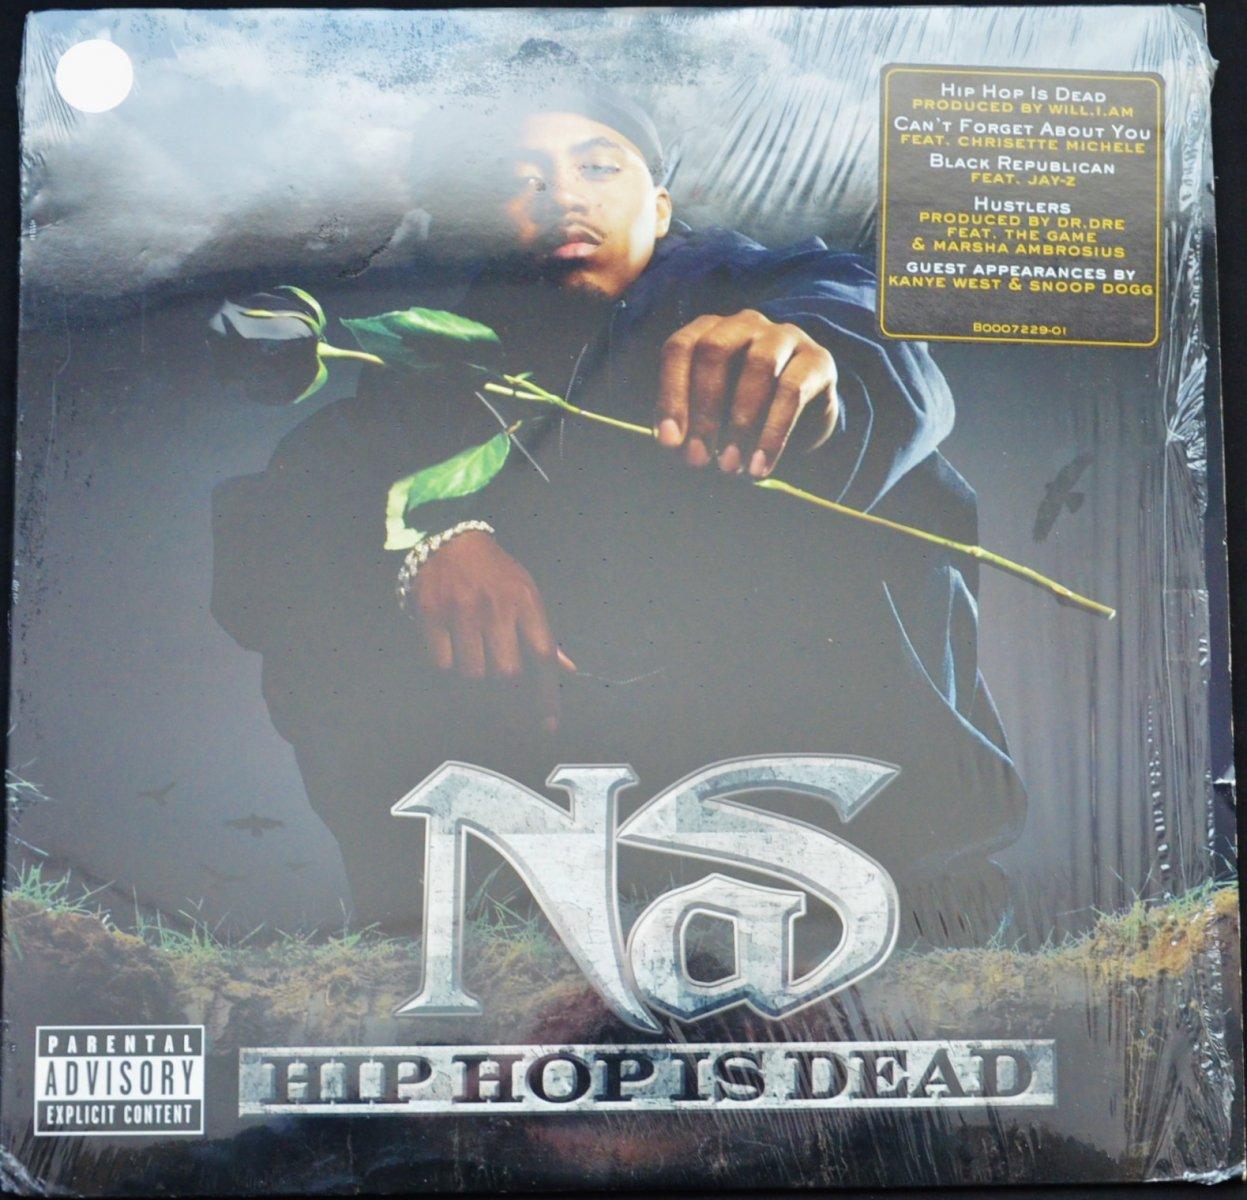 NAS / HIP HOP IS DEAD (2LP)